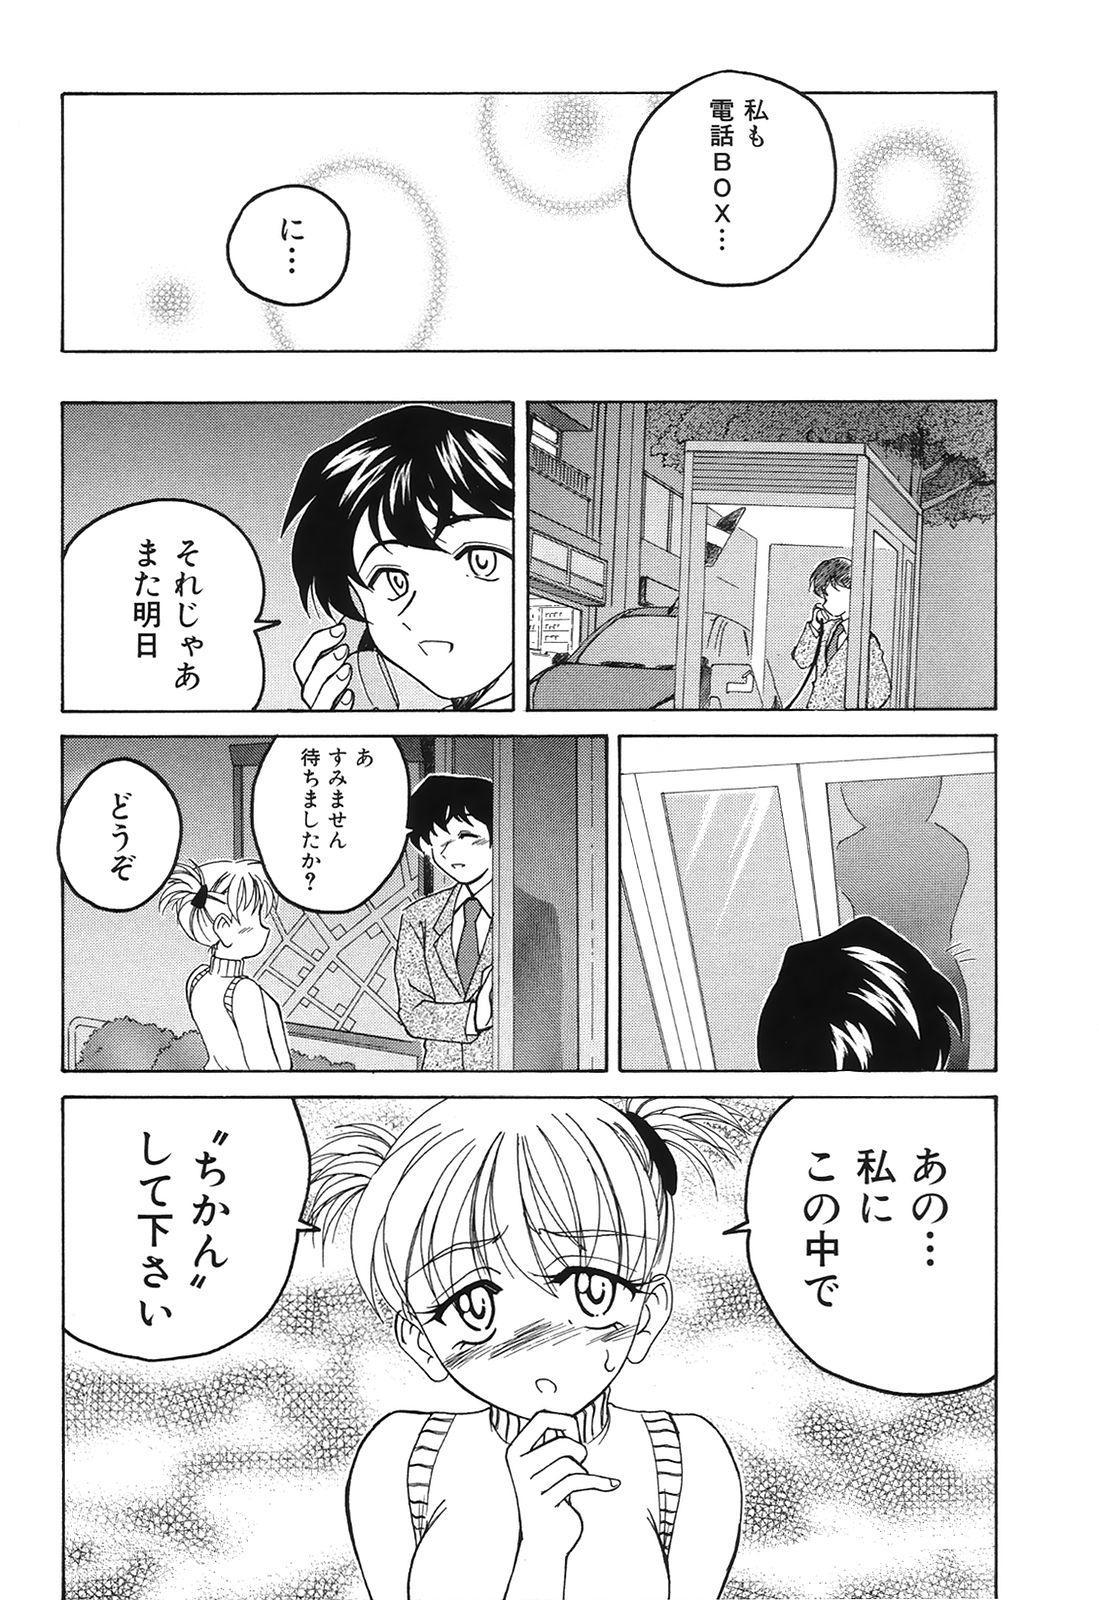 Omake No Musume 102